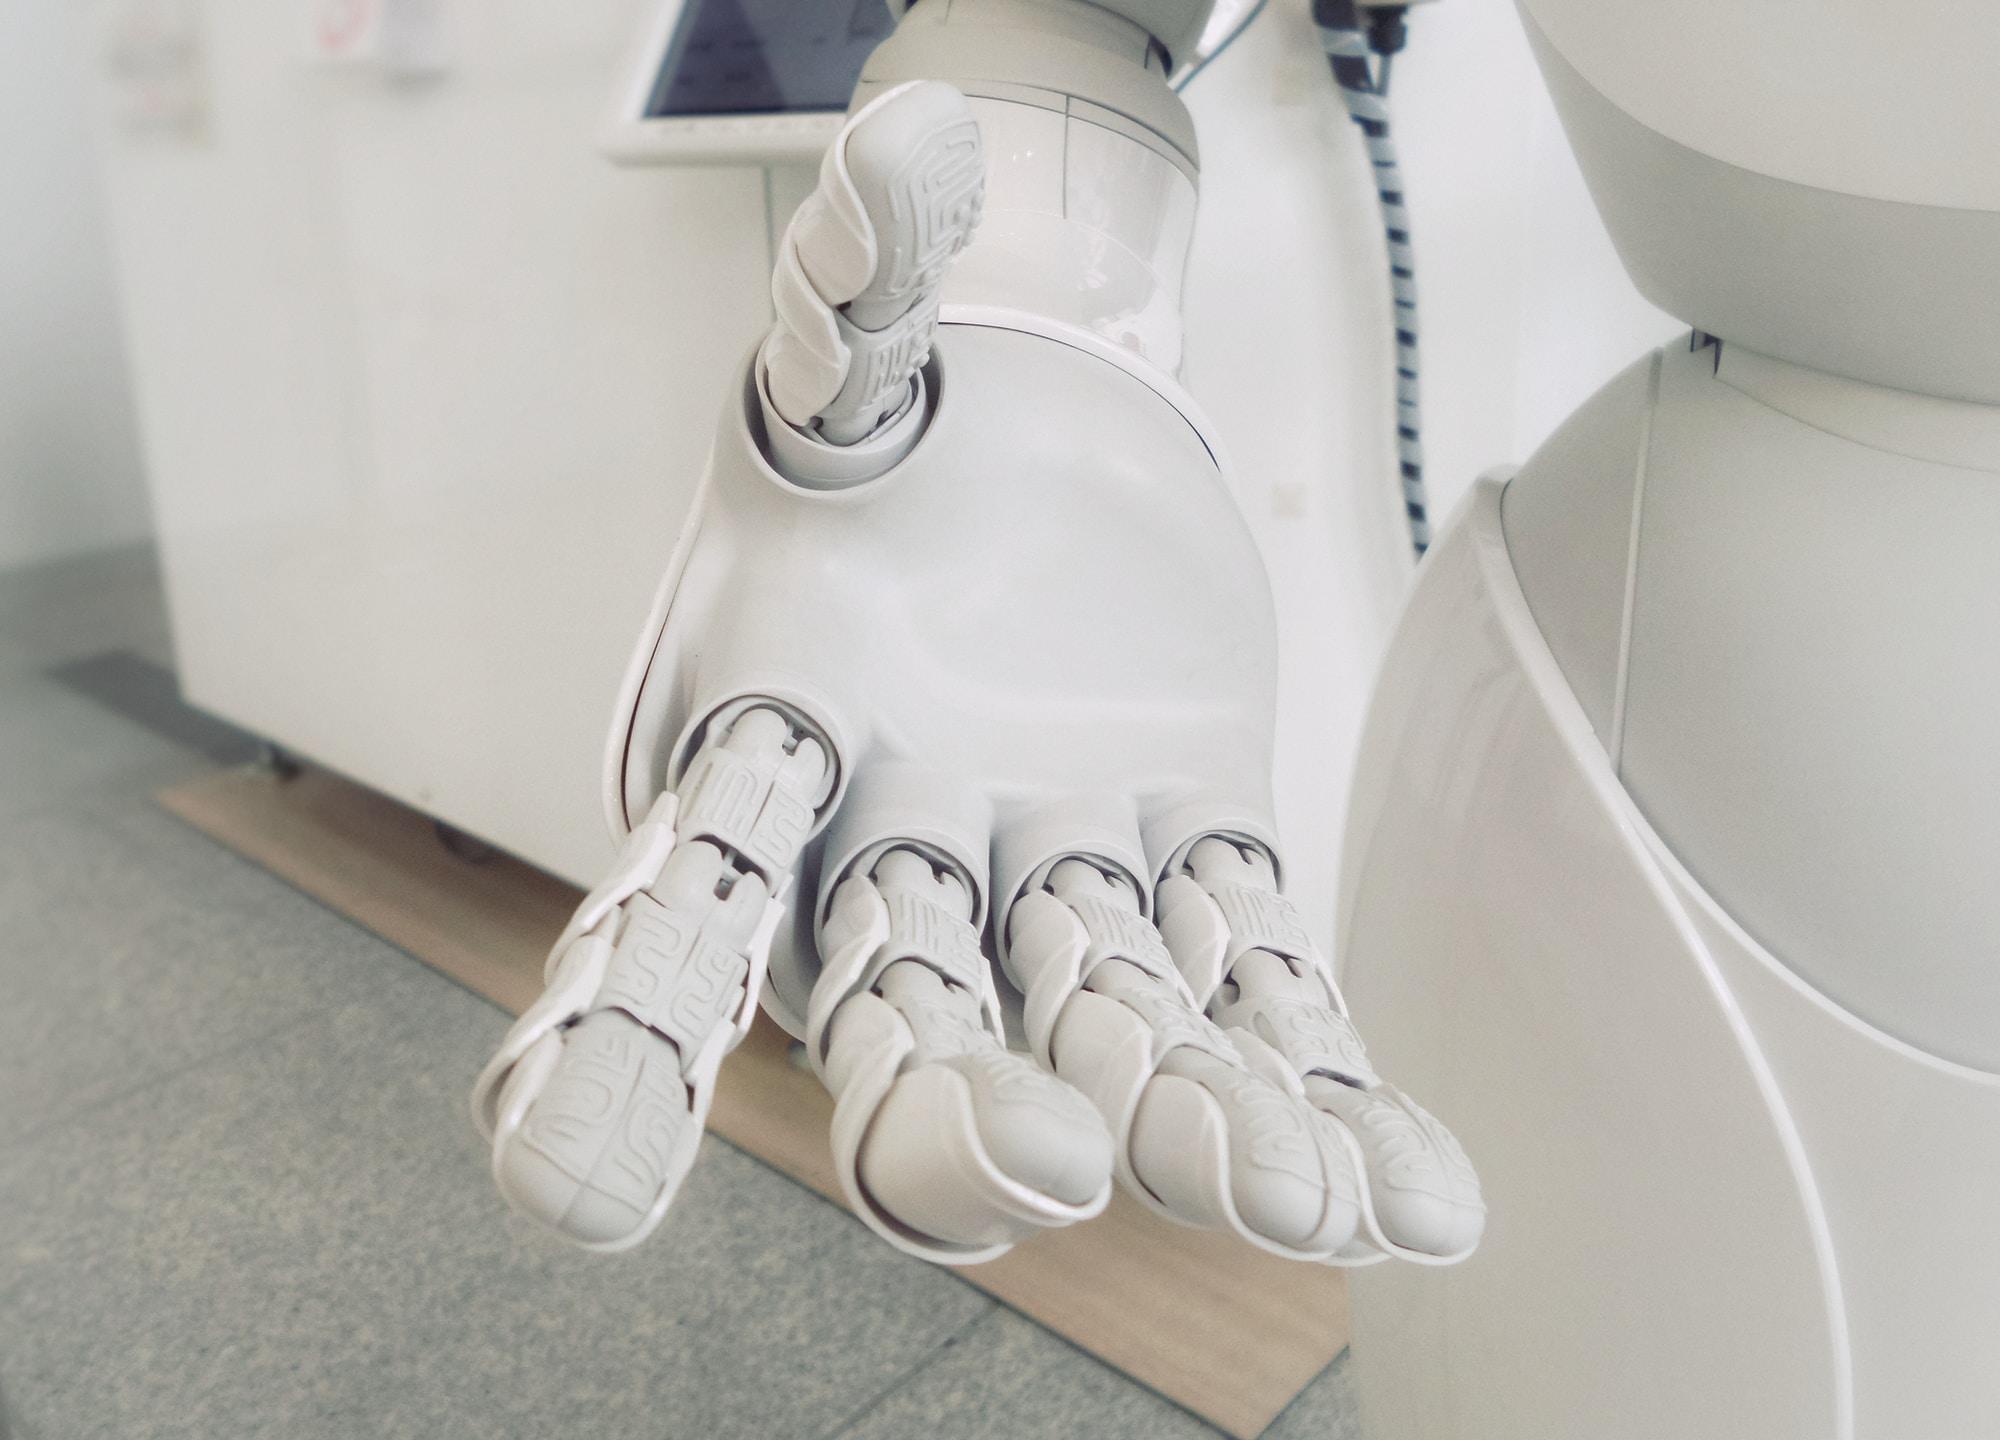 IoT robot hand